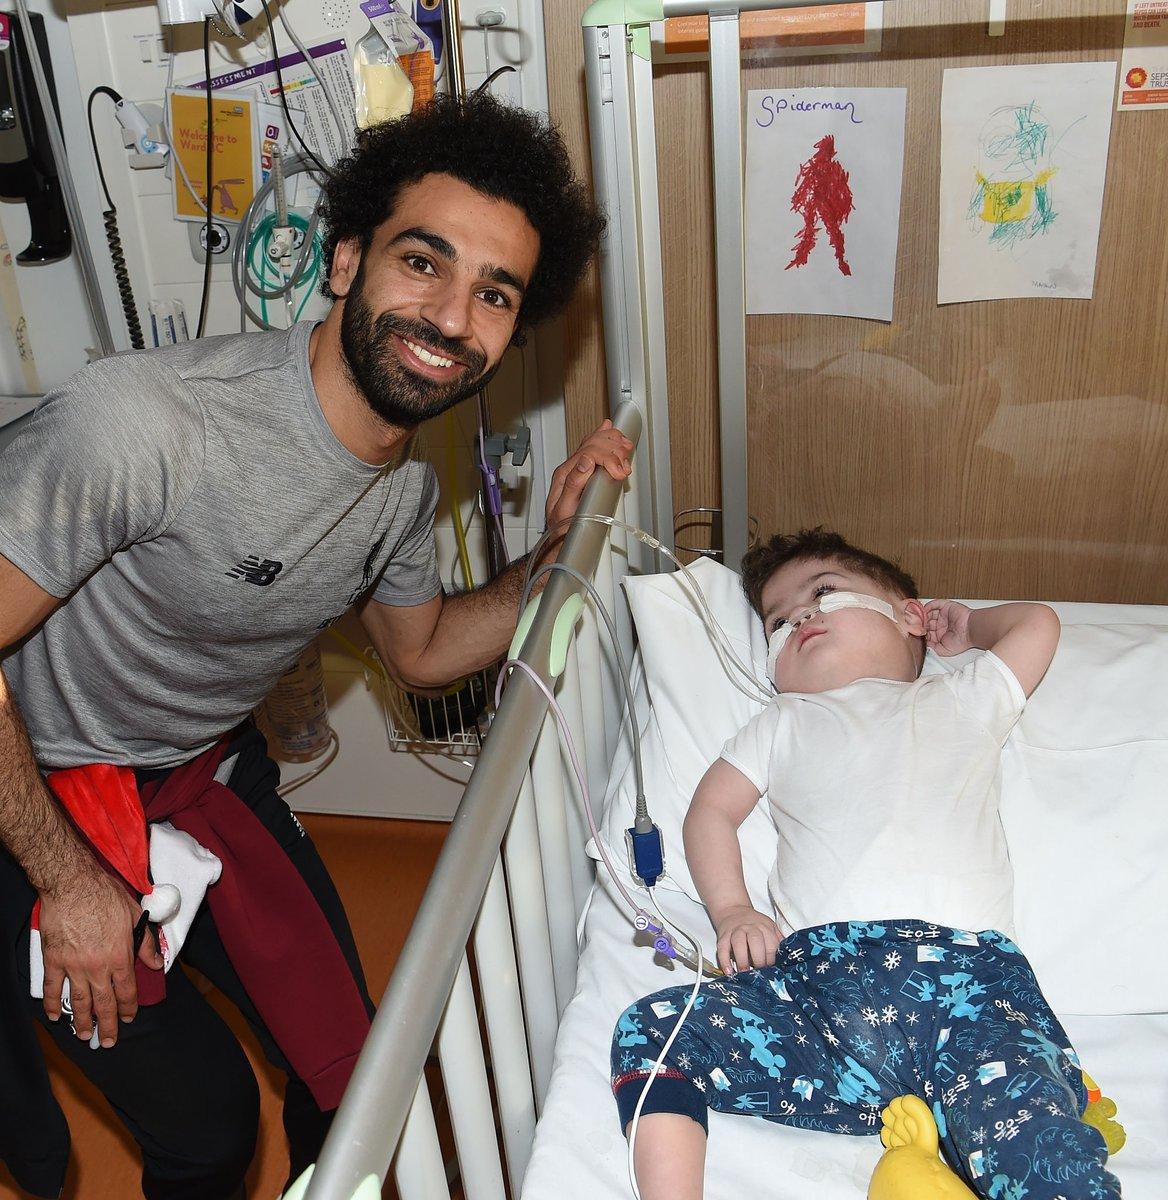 محمد صلاح يزور مستشفى الاطفال فى ليفربول مع نجوم الريدز (2)